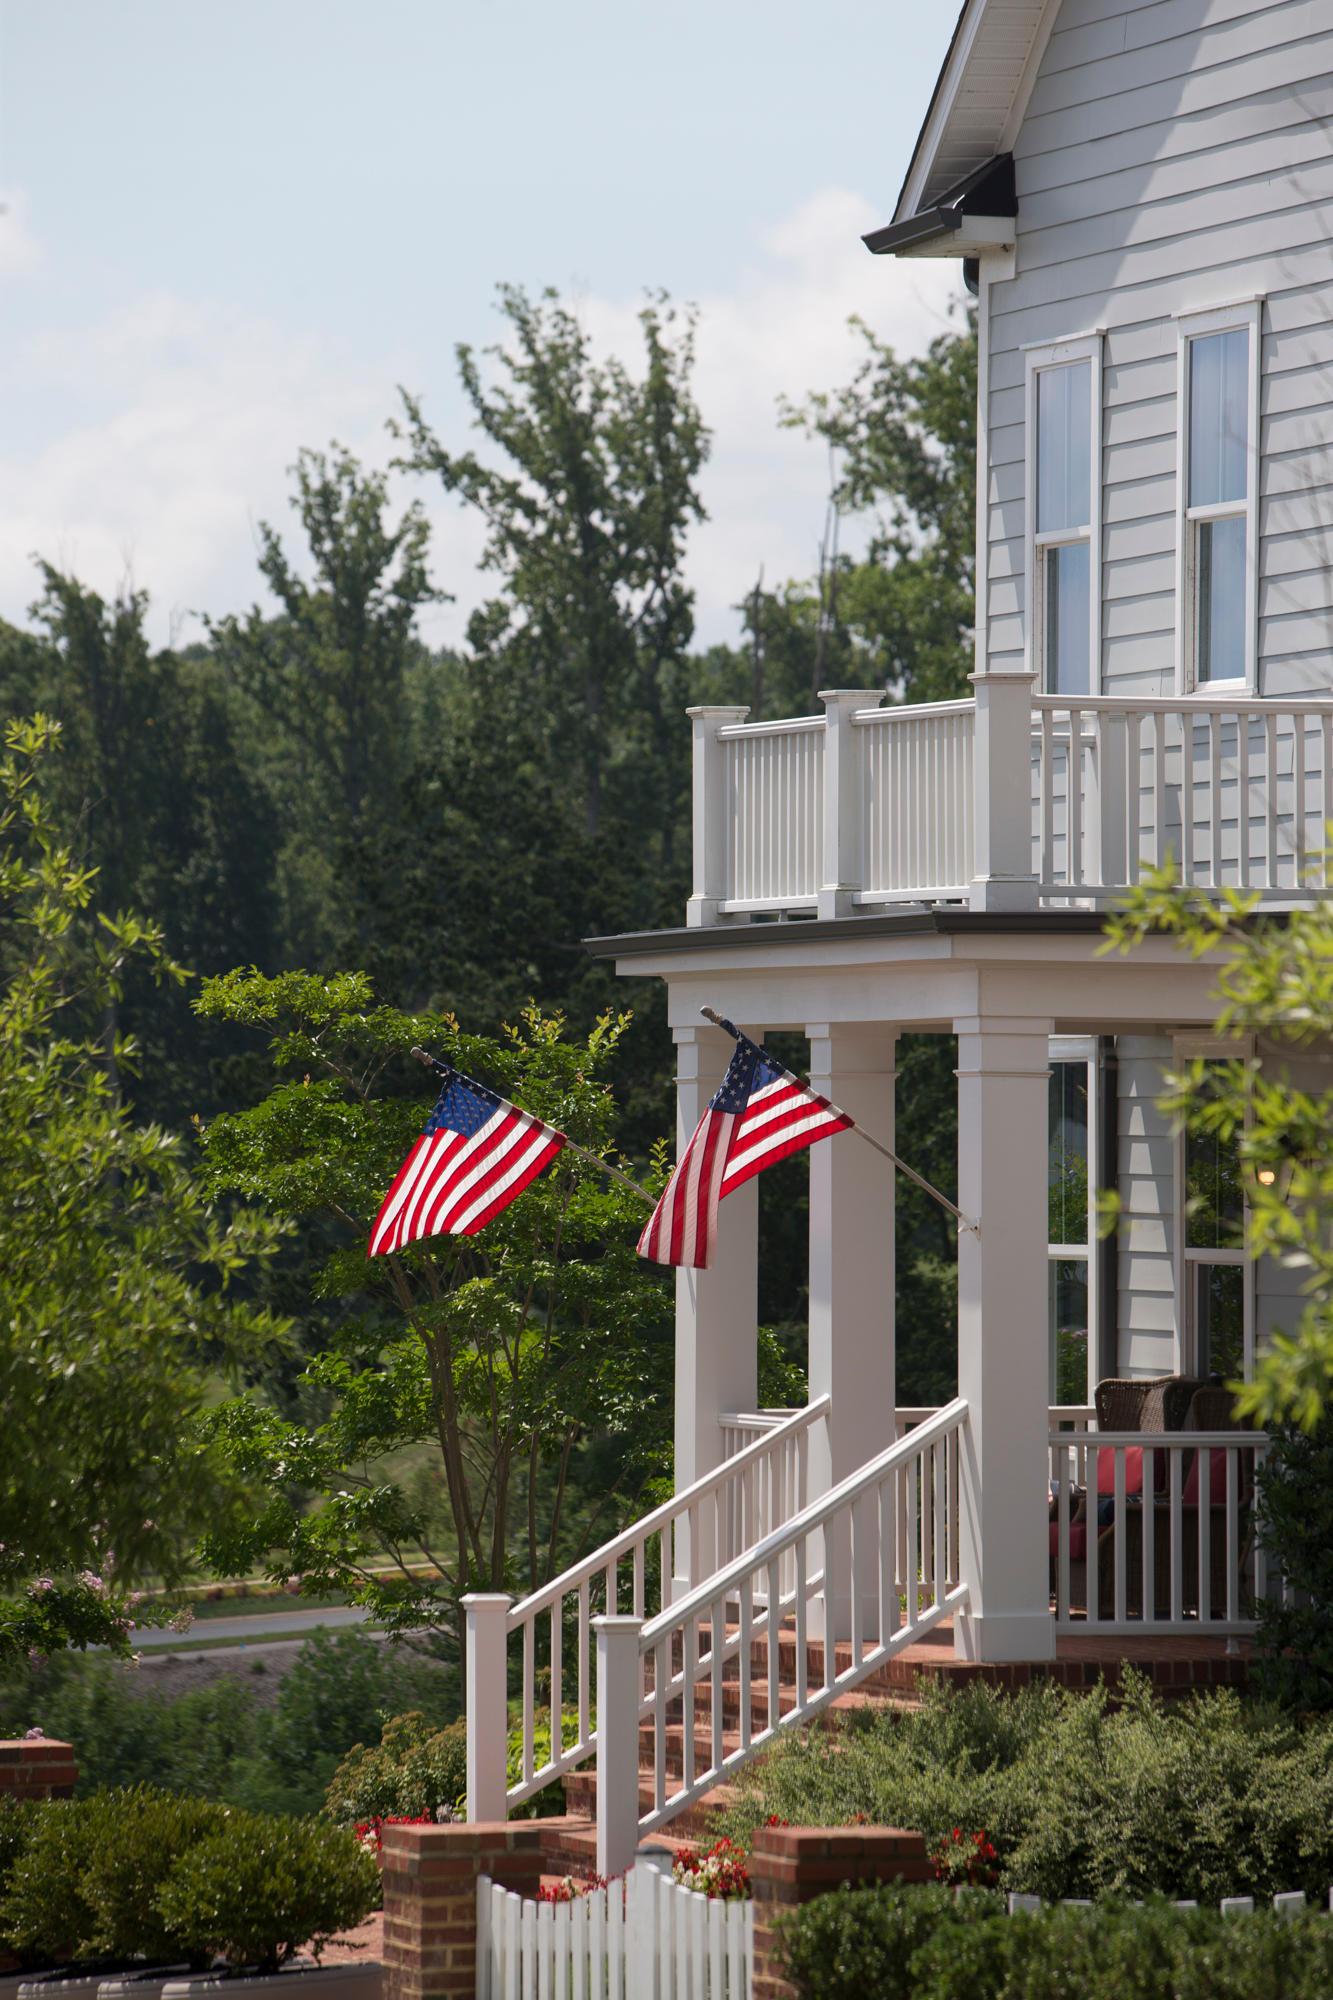 Potomac Shores Recreation Center image 4